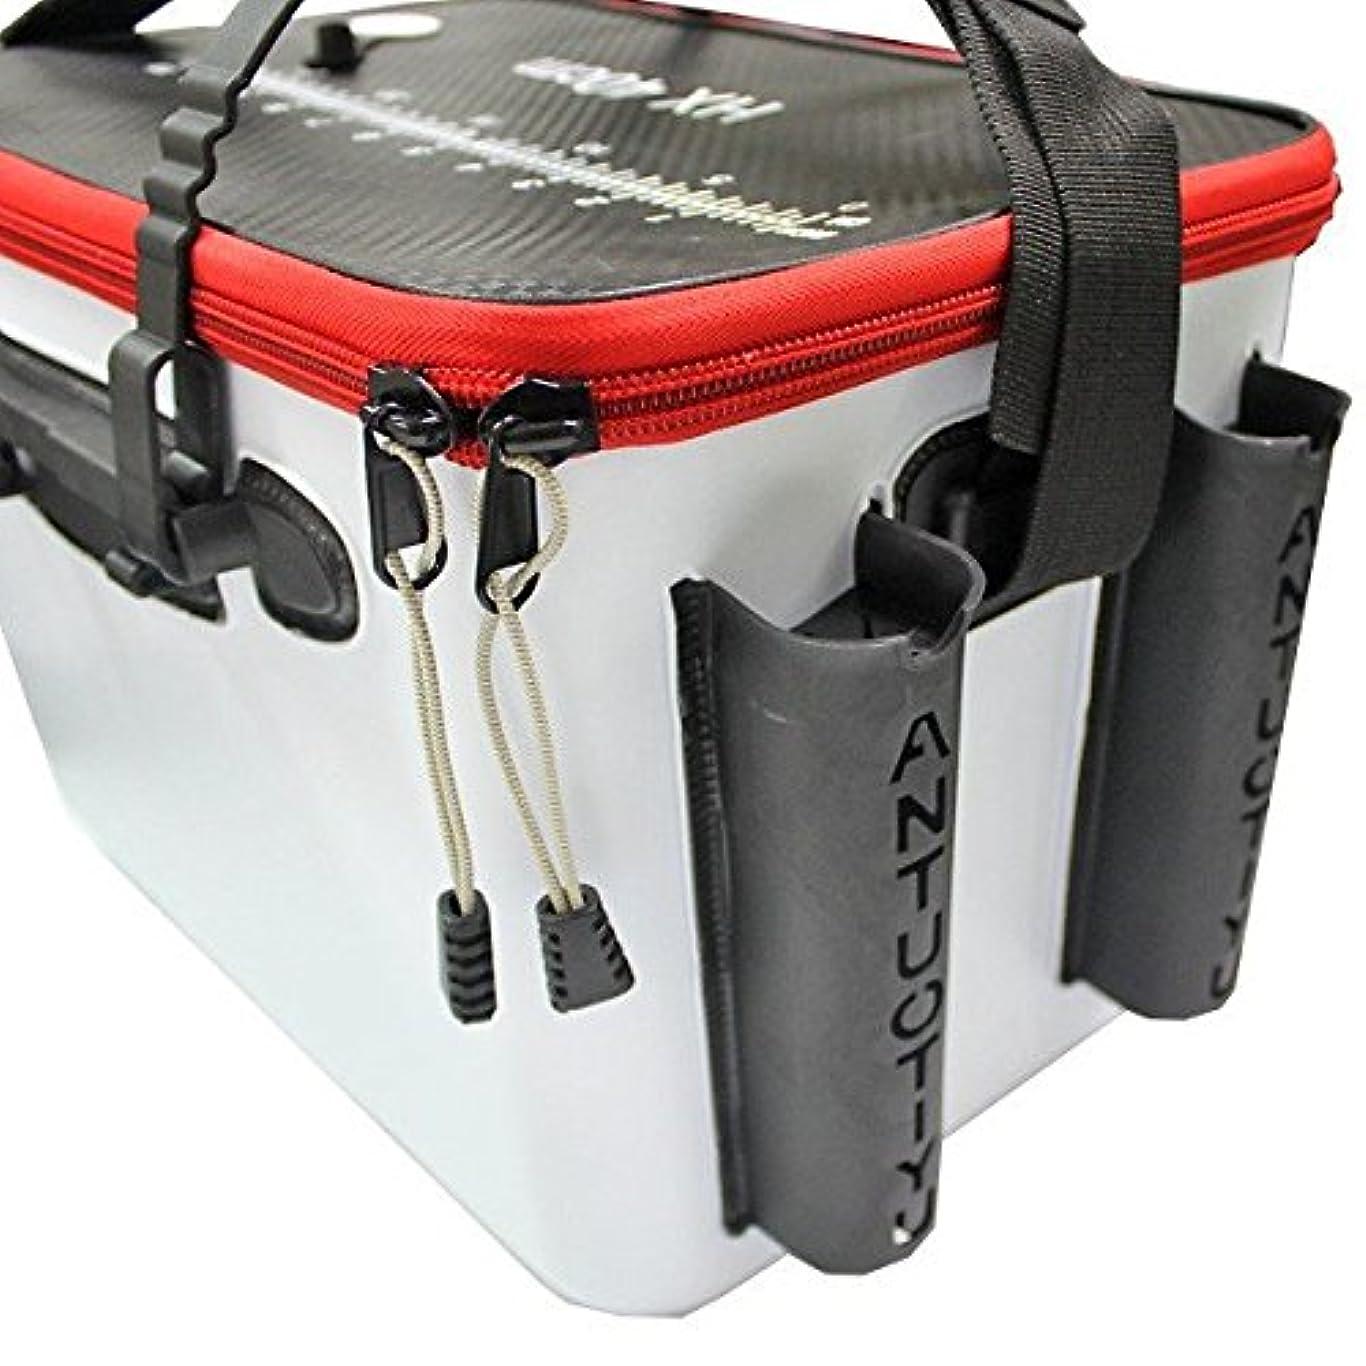 交じる勢い巡礼者EVA タックルバッグ キーパーバッカン フィッシュキープ ロッドホルダー付 タックルバッグ